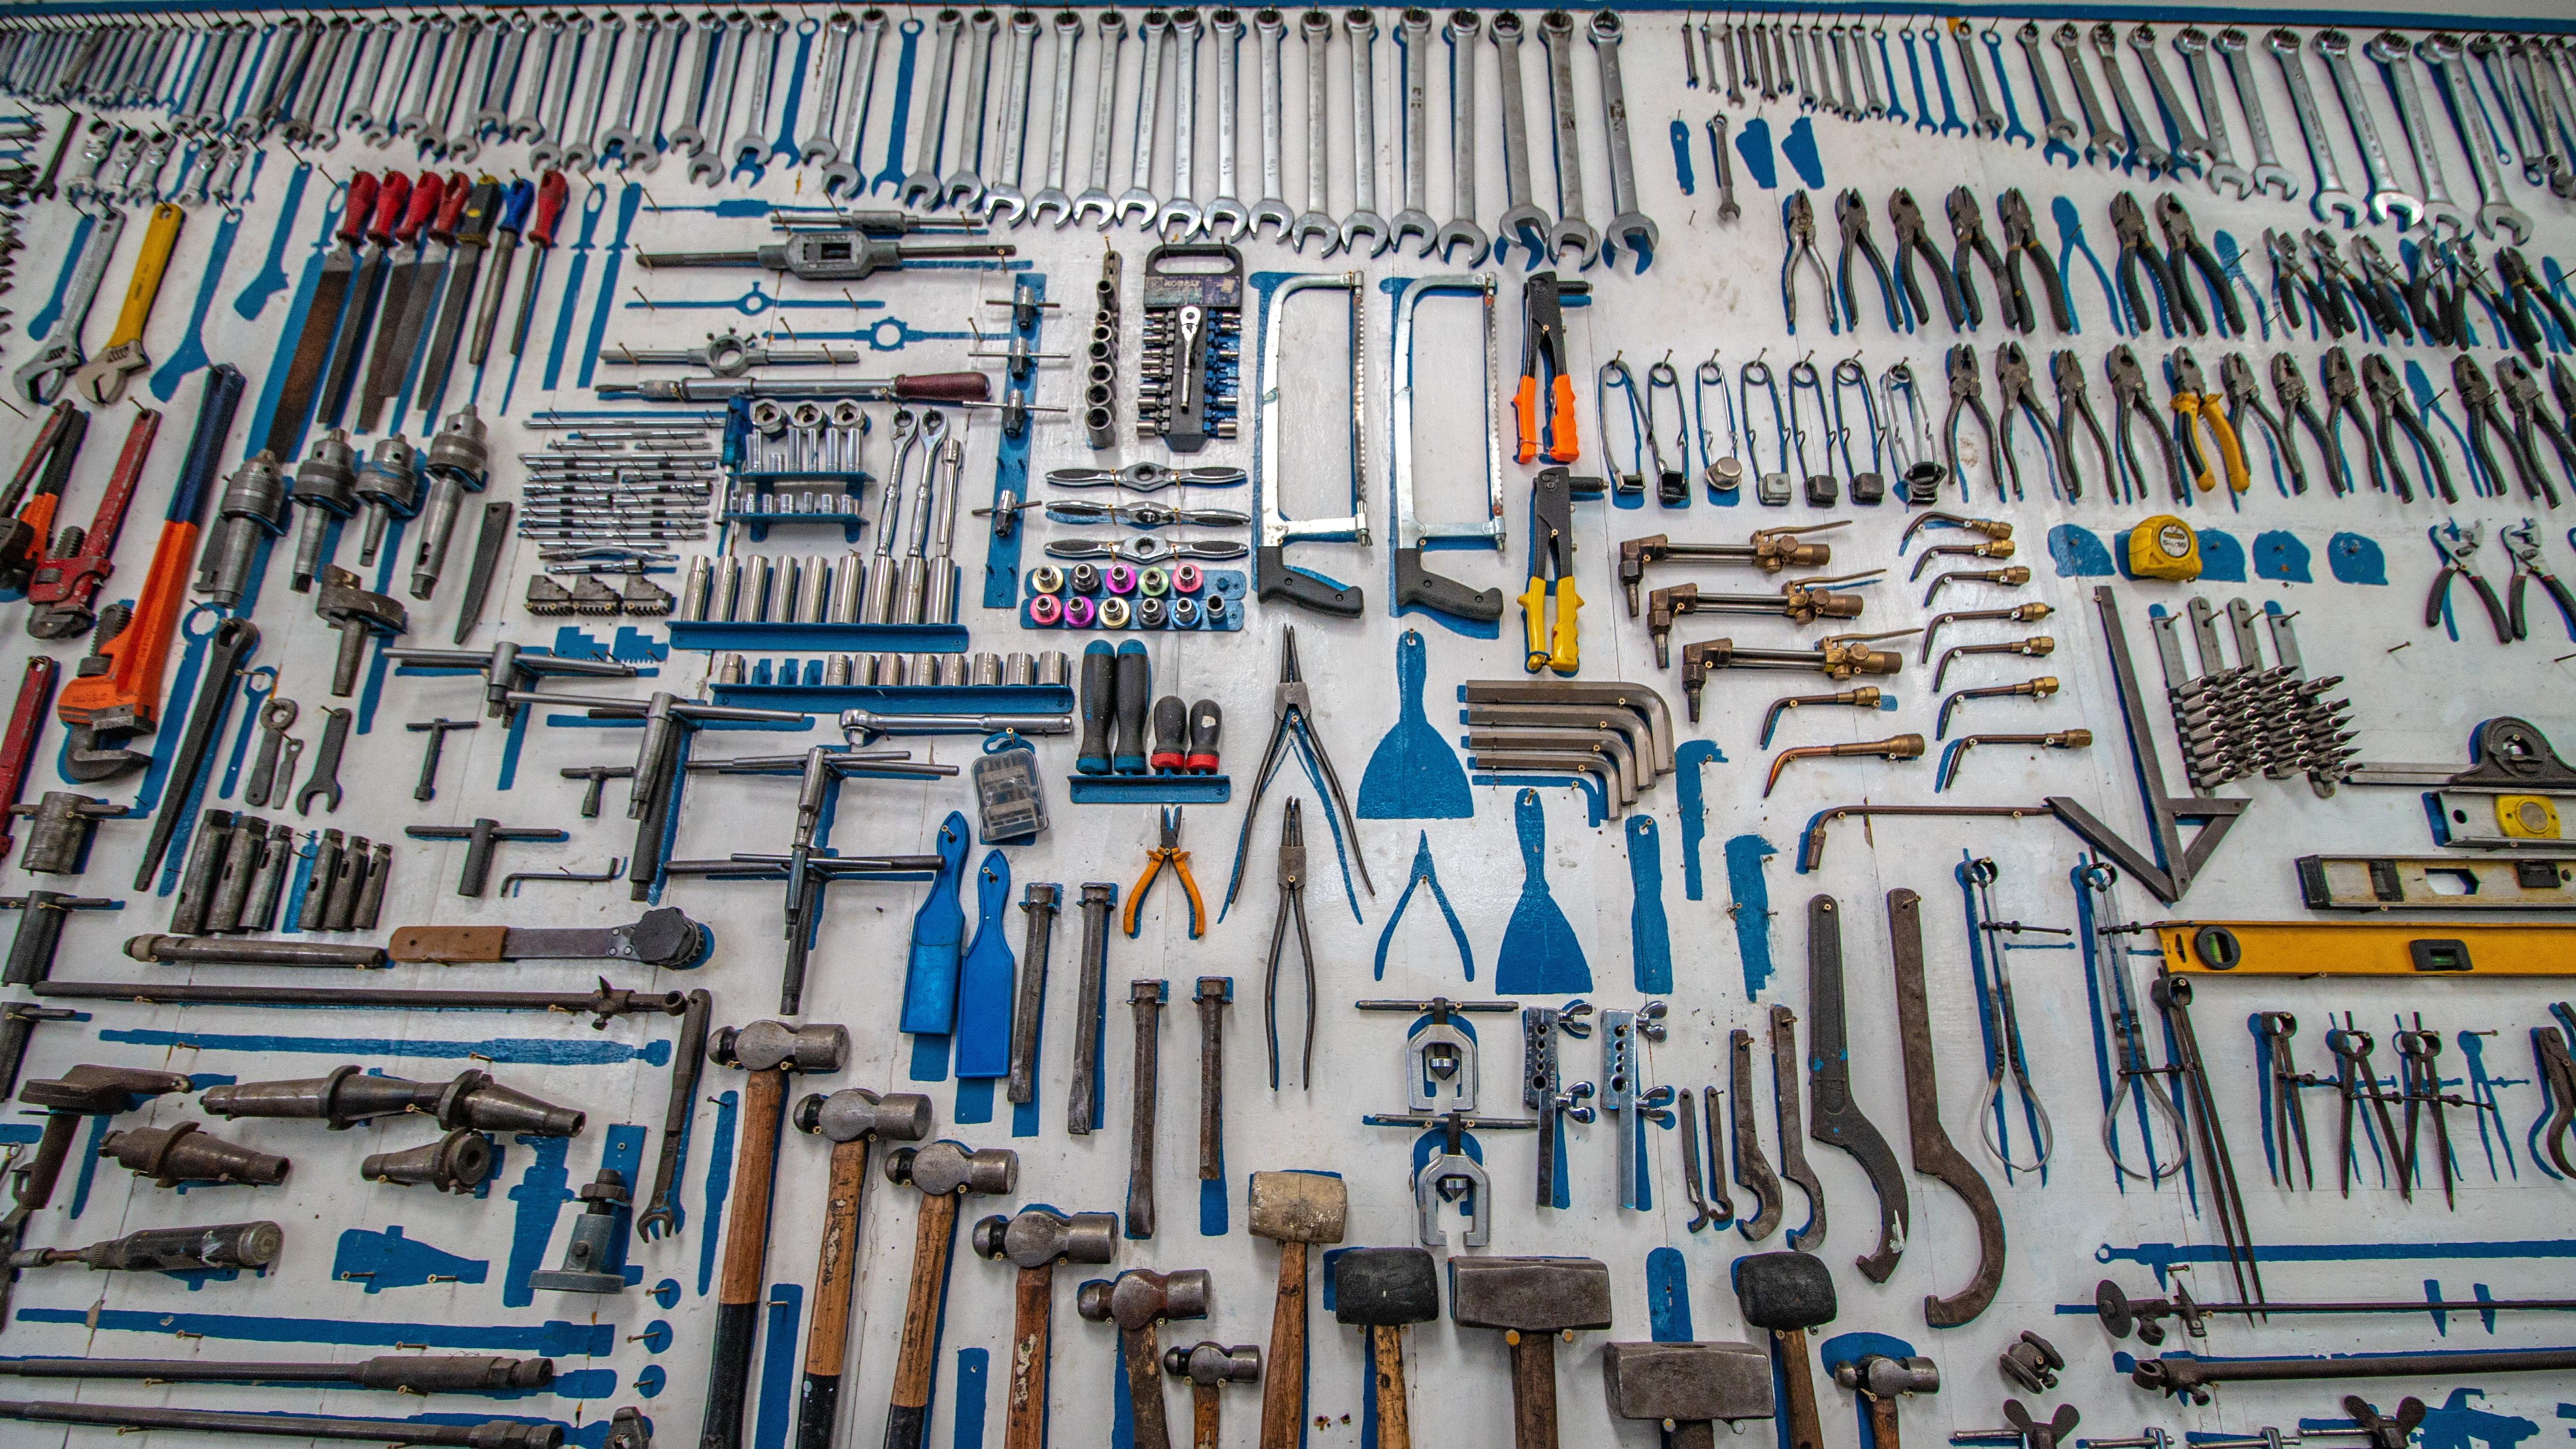 Lots of standardised tools